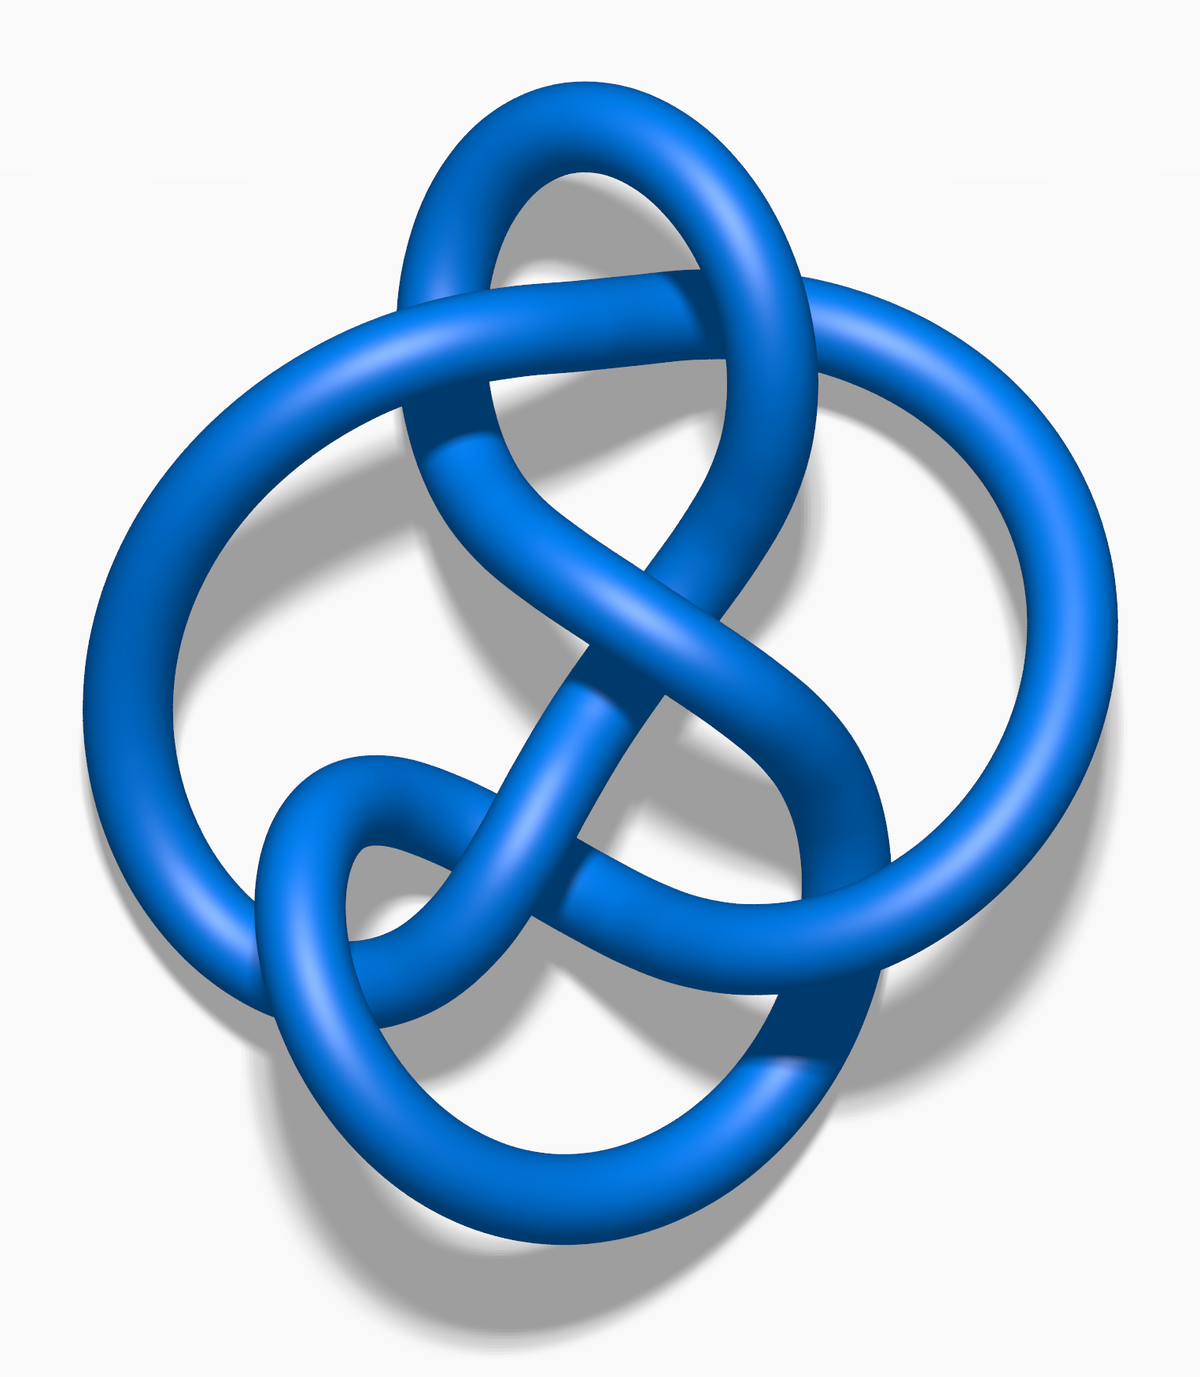 6 knot wikipedia